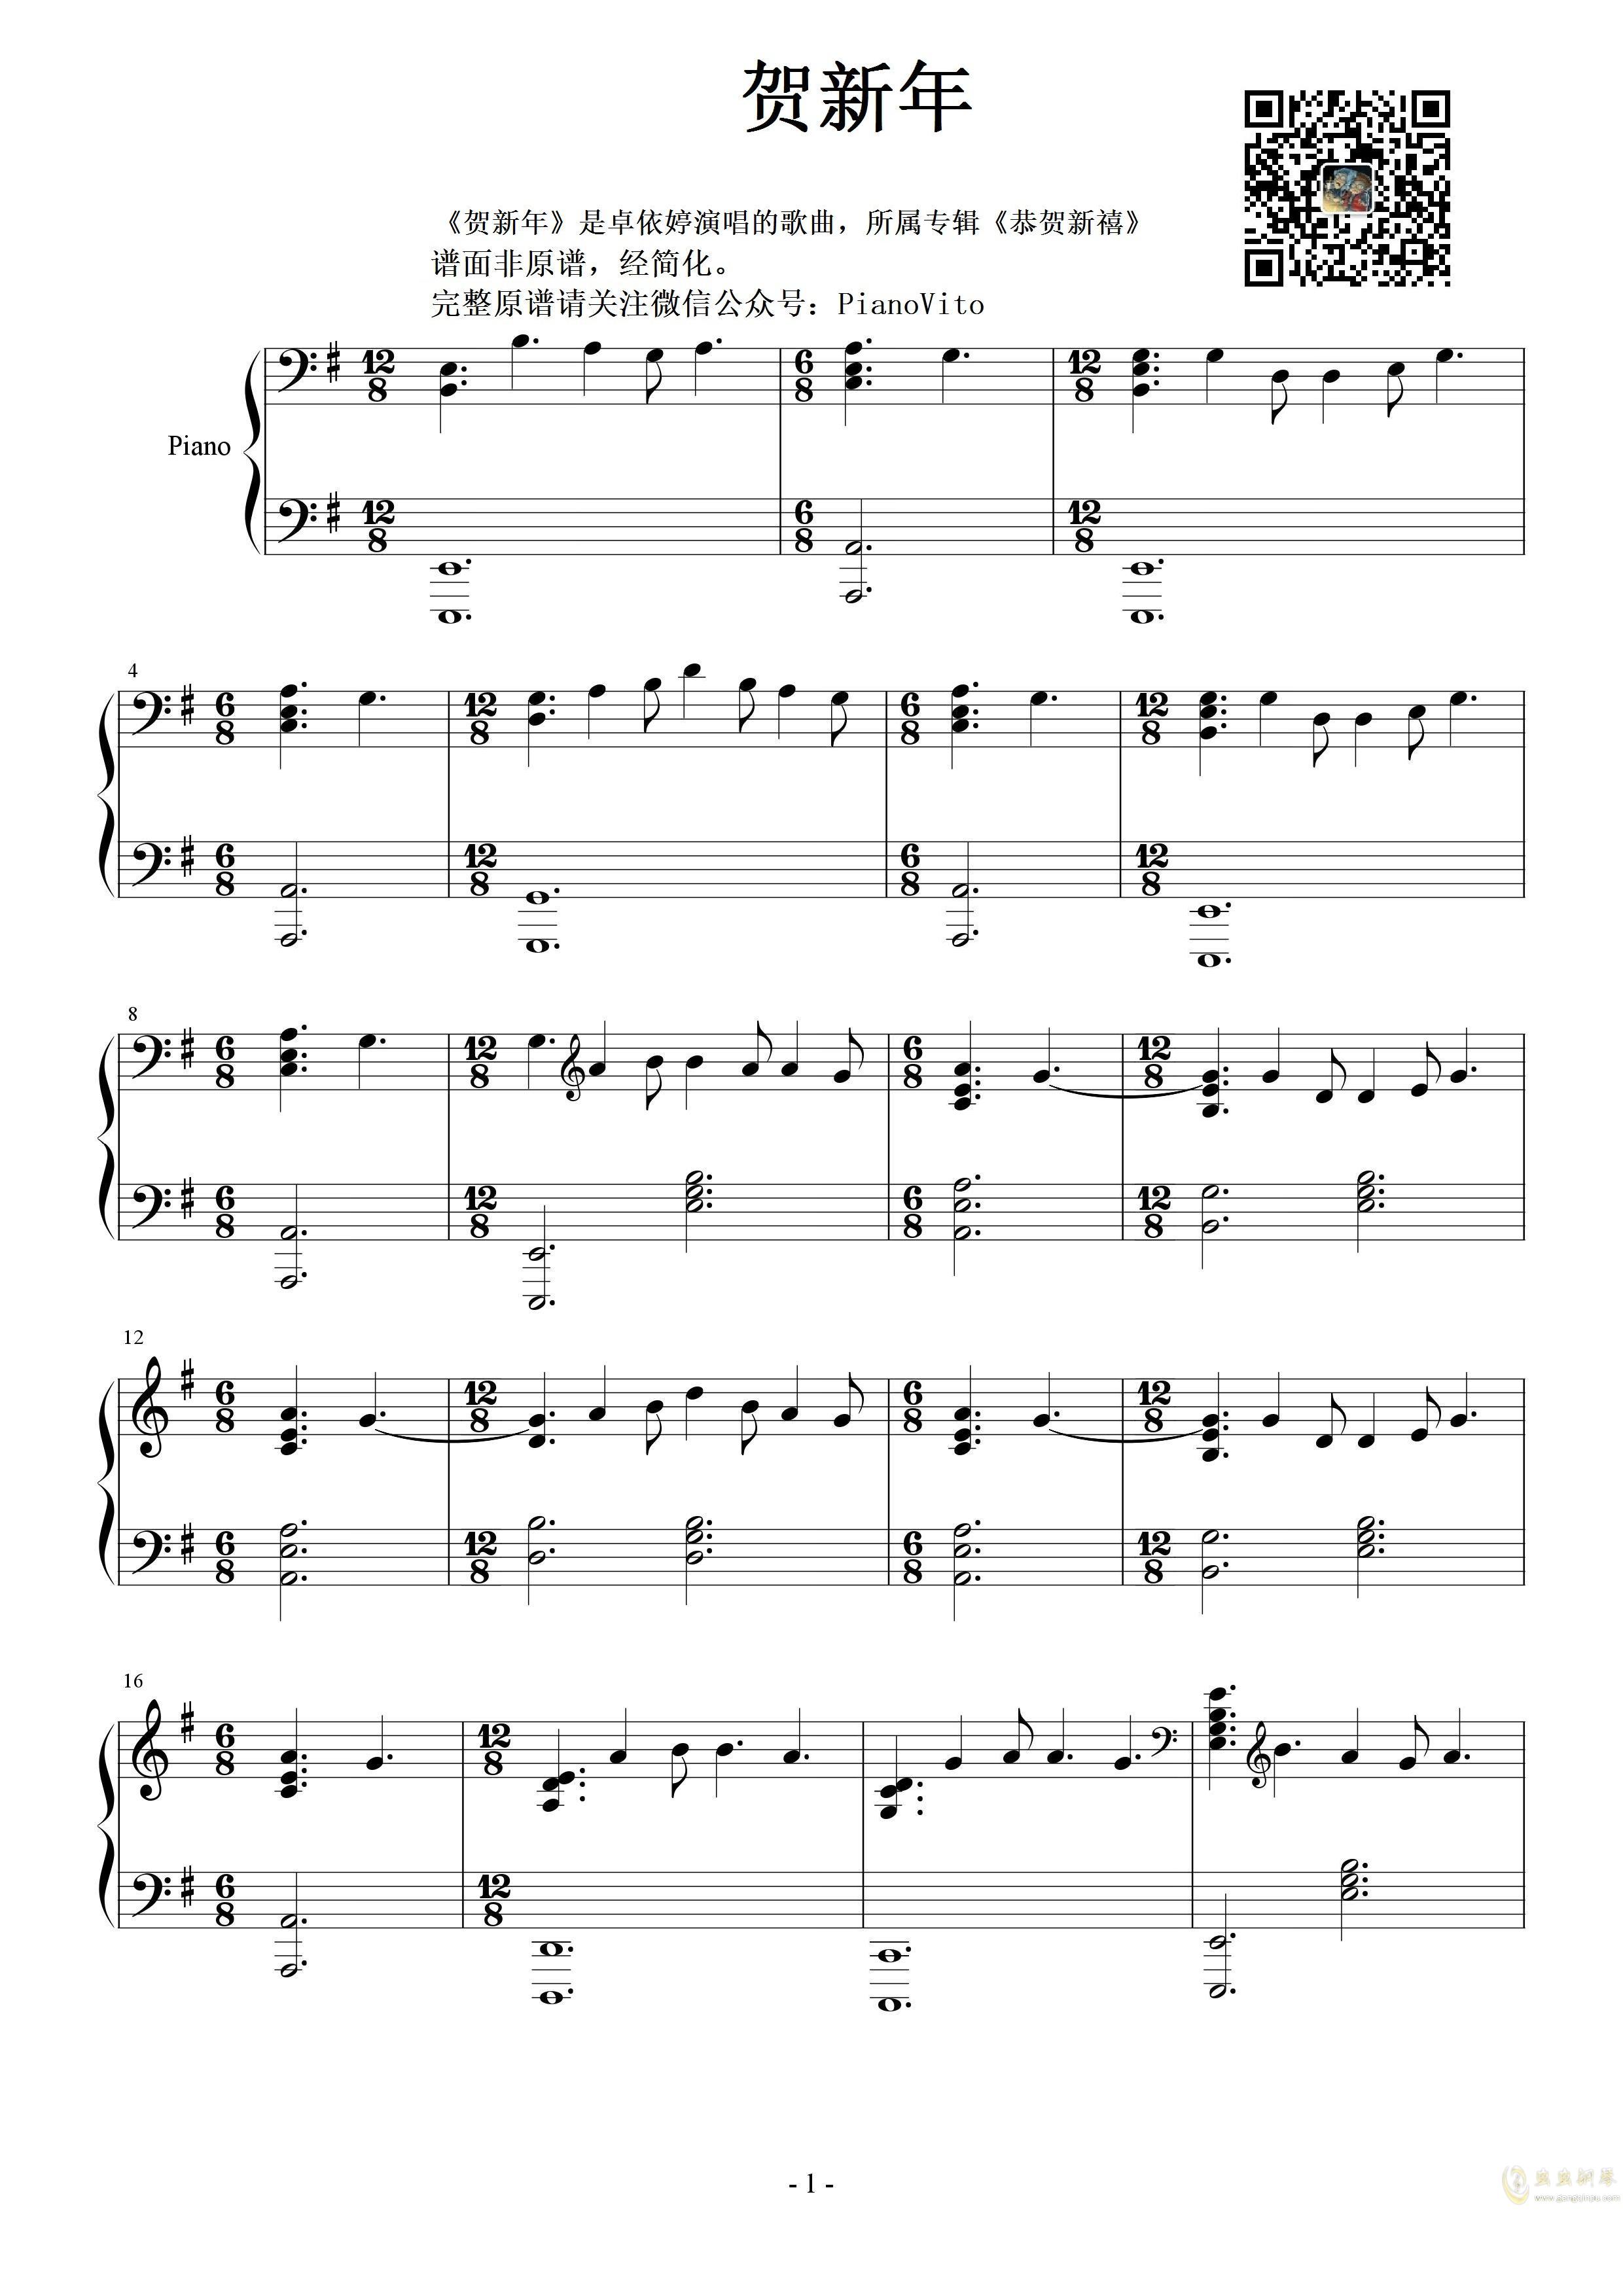 贺新年钢琴谱 第1页